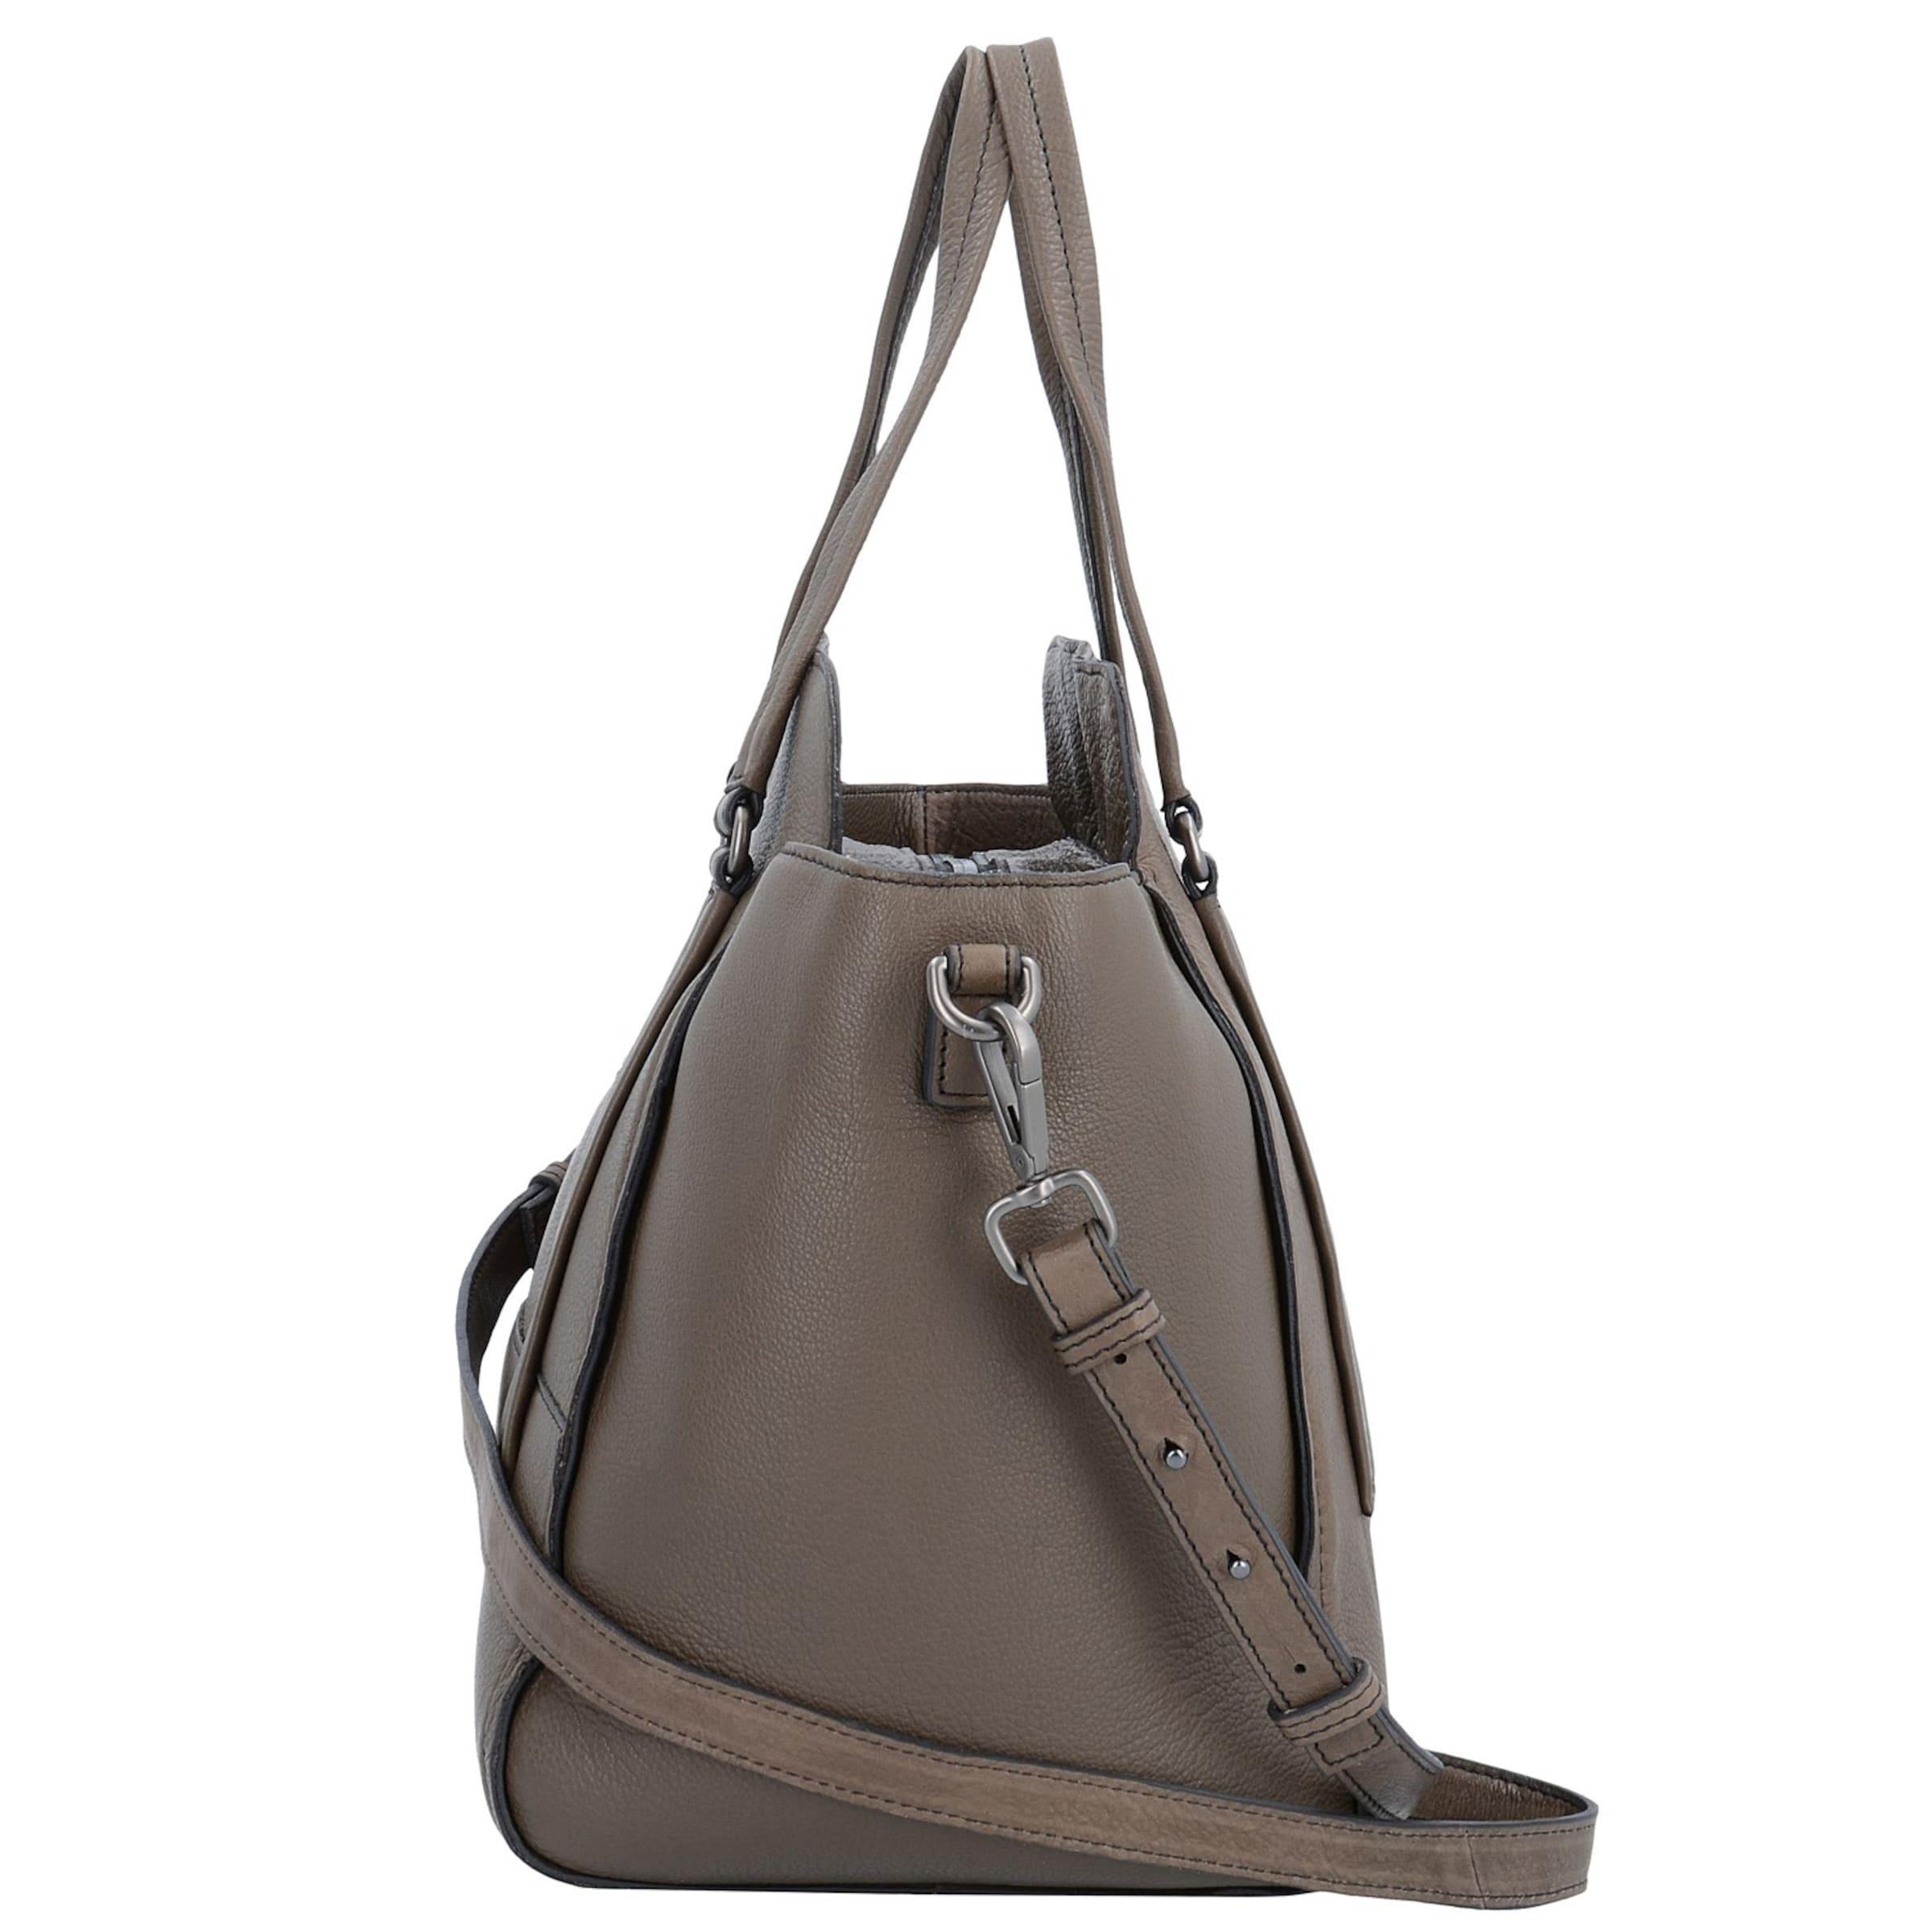 Marc O'Polo Handtasche 'Luxury Attachment' Billig 2018 Billig 100% Original Auslass Niedriger Versand Steckdose Neuesten Ausgezeichnete Günstig Online 2ysOmauFh